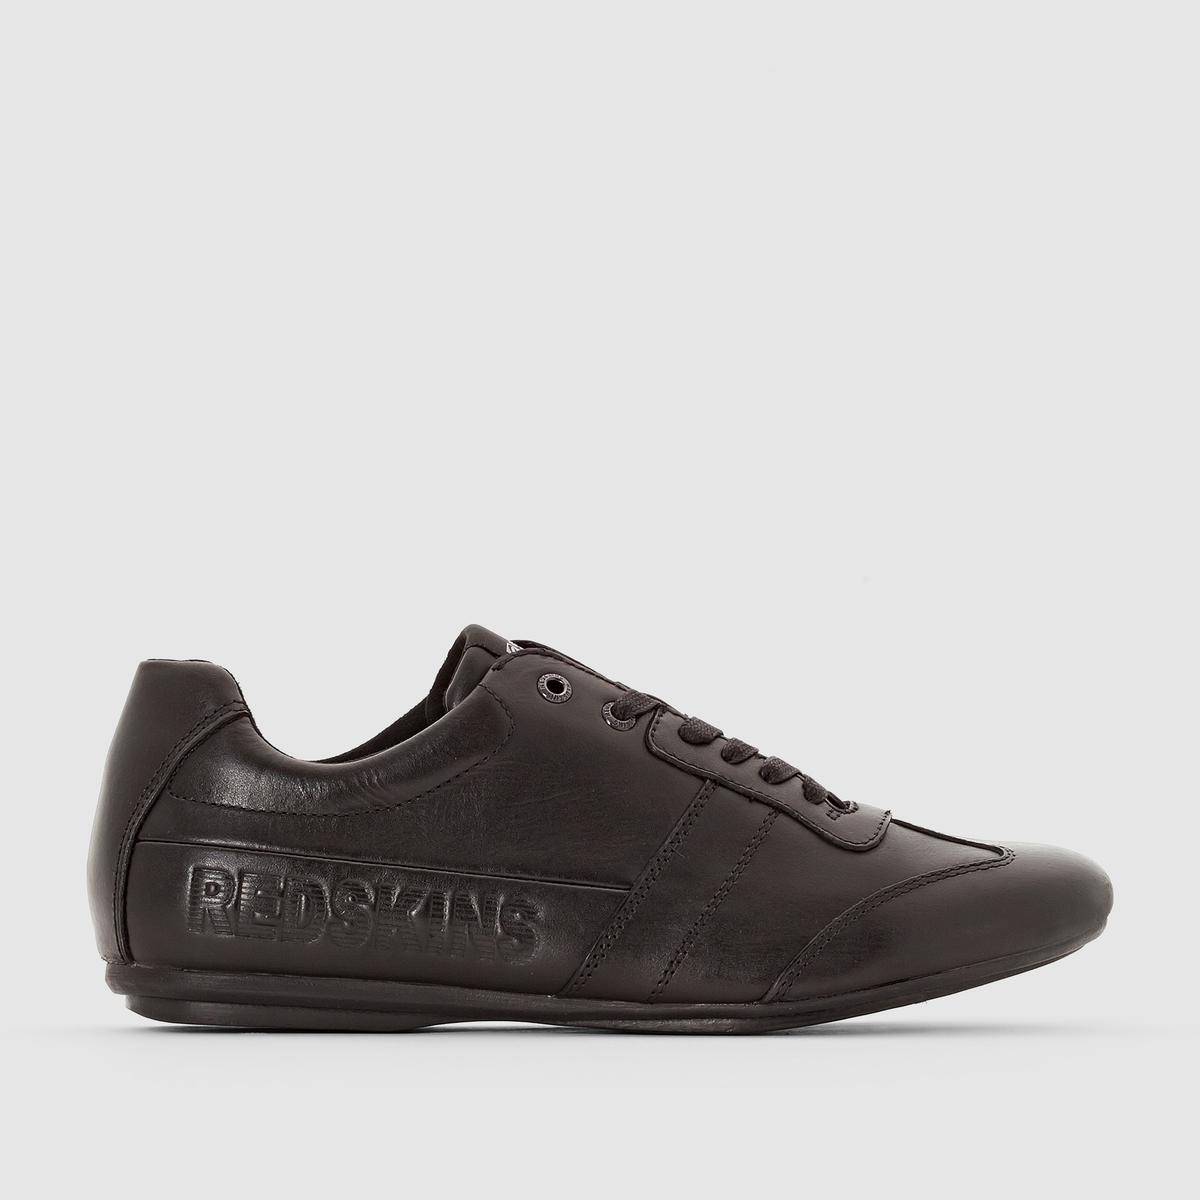 Кроссовки Altoni кроссовки низкие redskins breb2